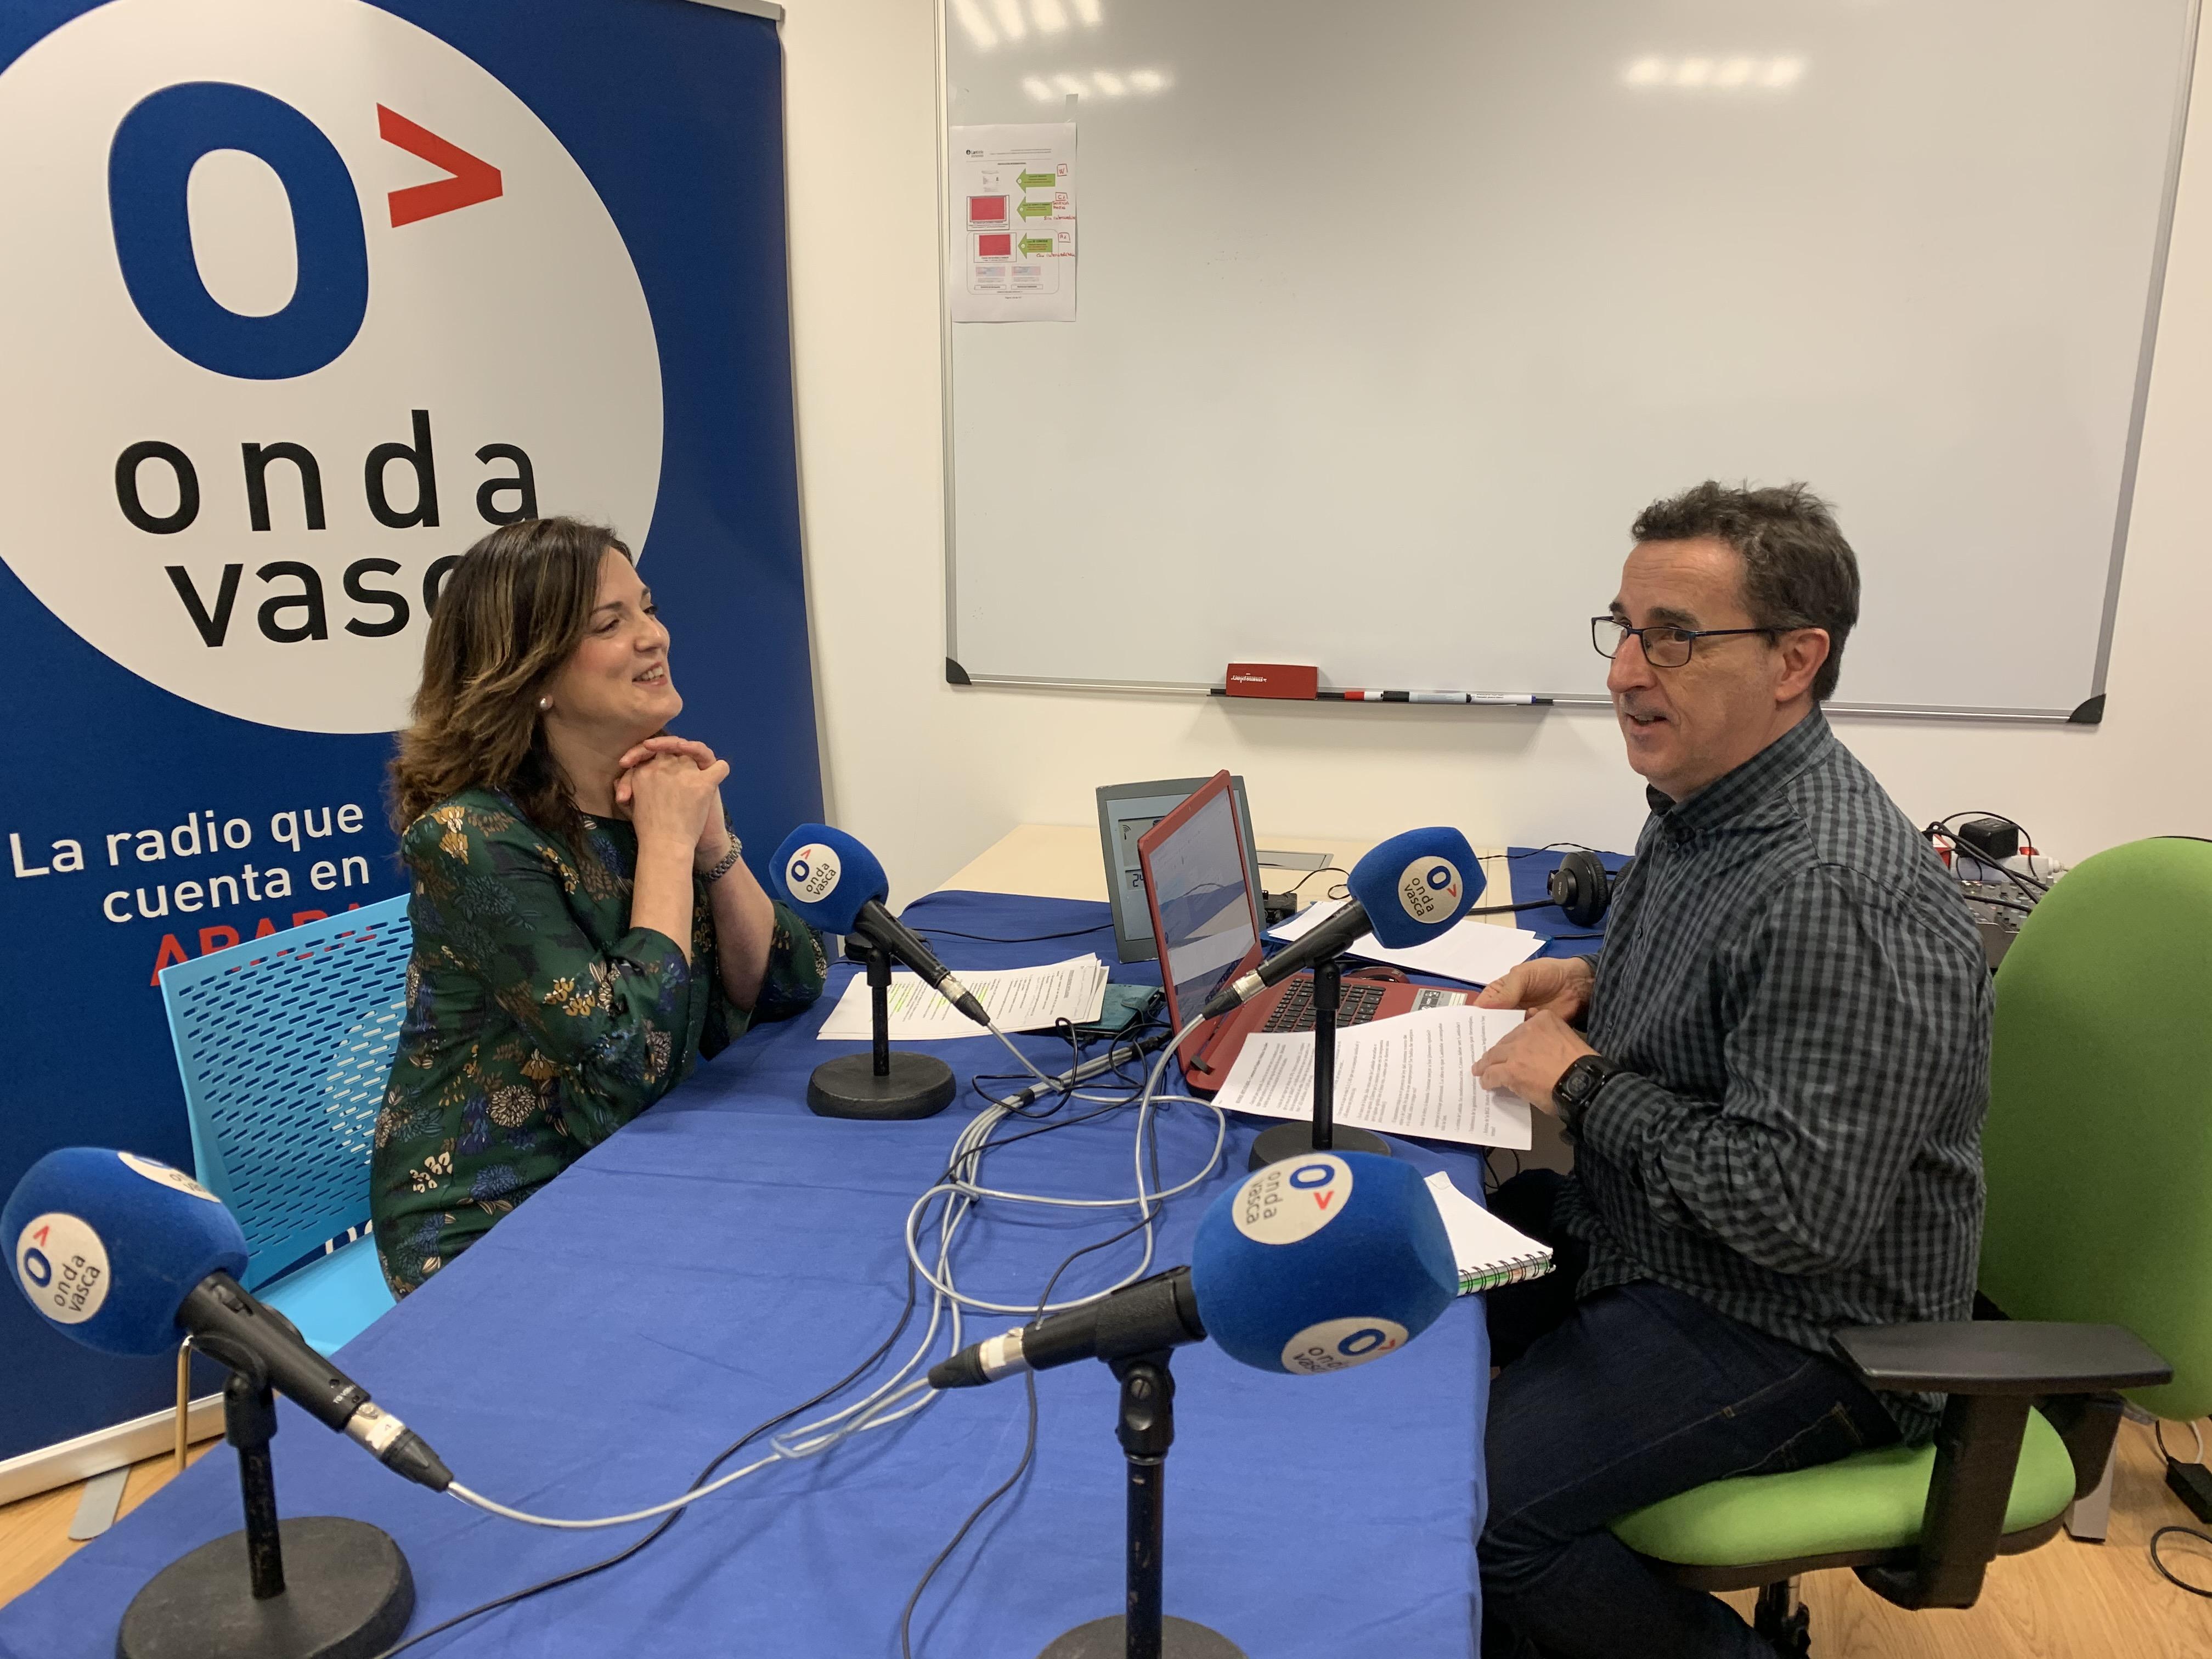 La Consejera Beatriz Artolazabal subraya la irresponsabilidad de los sindicatos ELA y LAB por su ausencia en la Mesa de Diálogo Social [16:34]